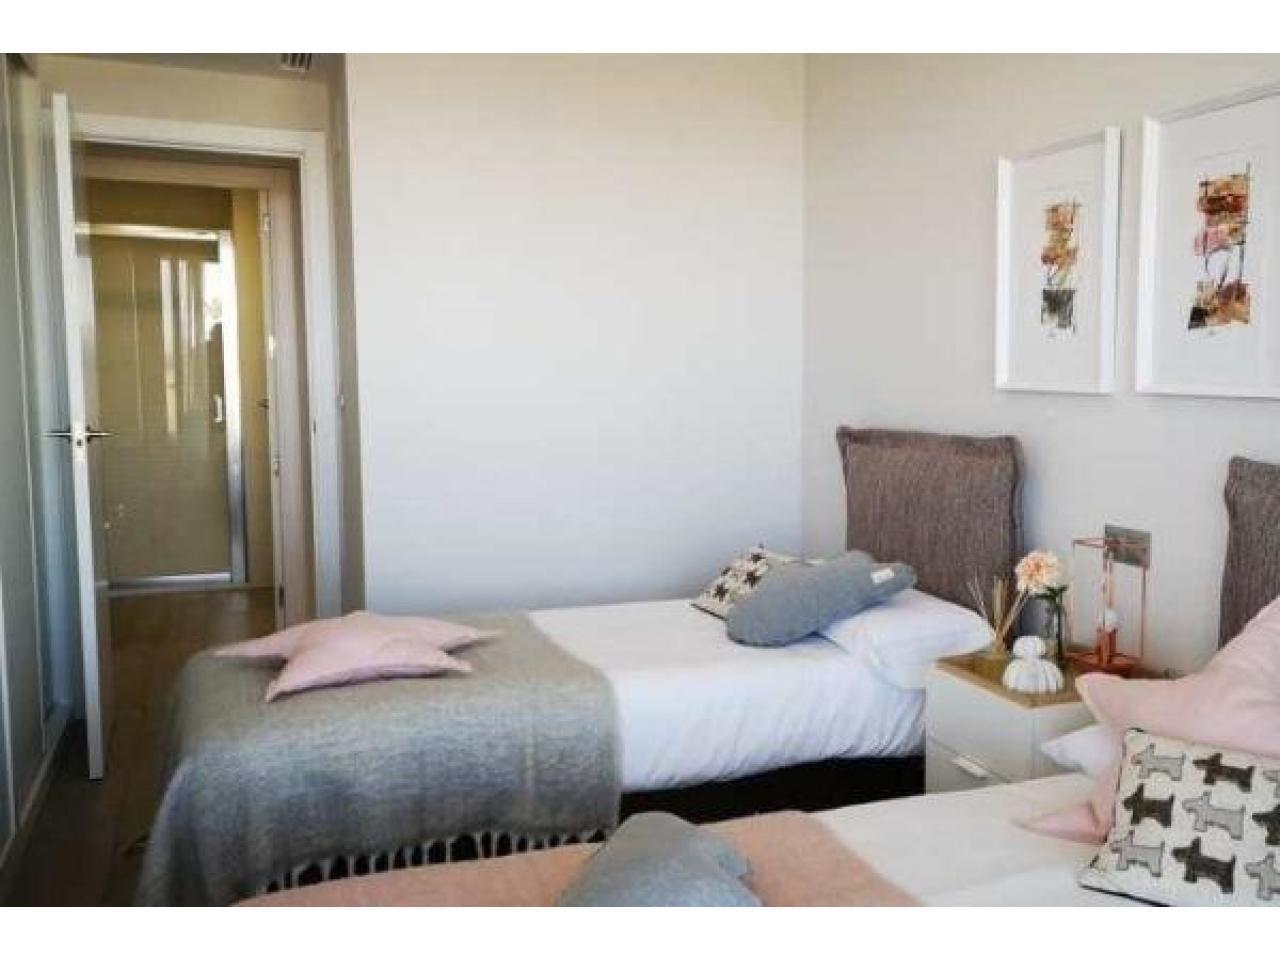 Недвижимость в Испании, Новые квартиры на первой линии пляжа от застройщика в Ла Манга - 6